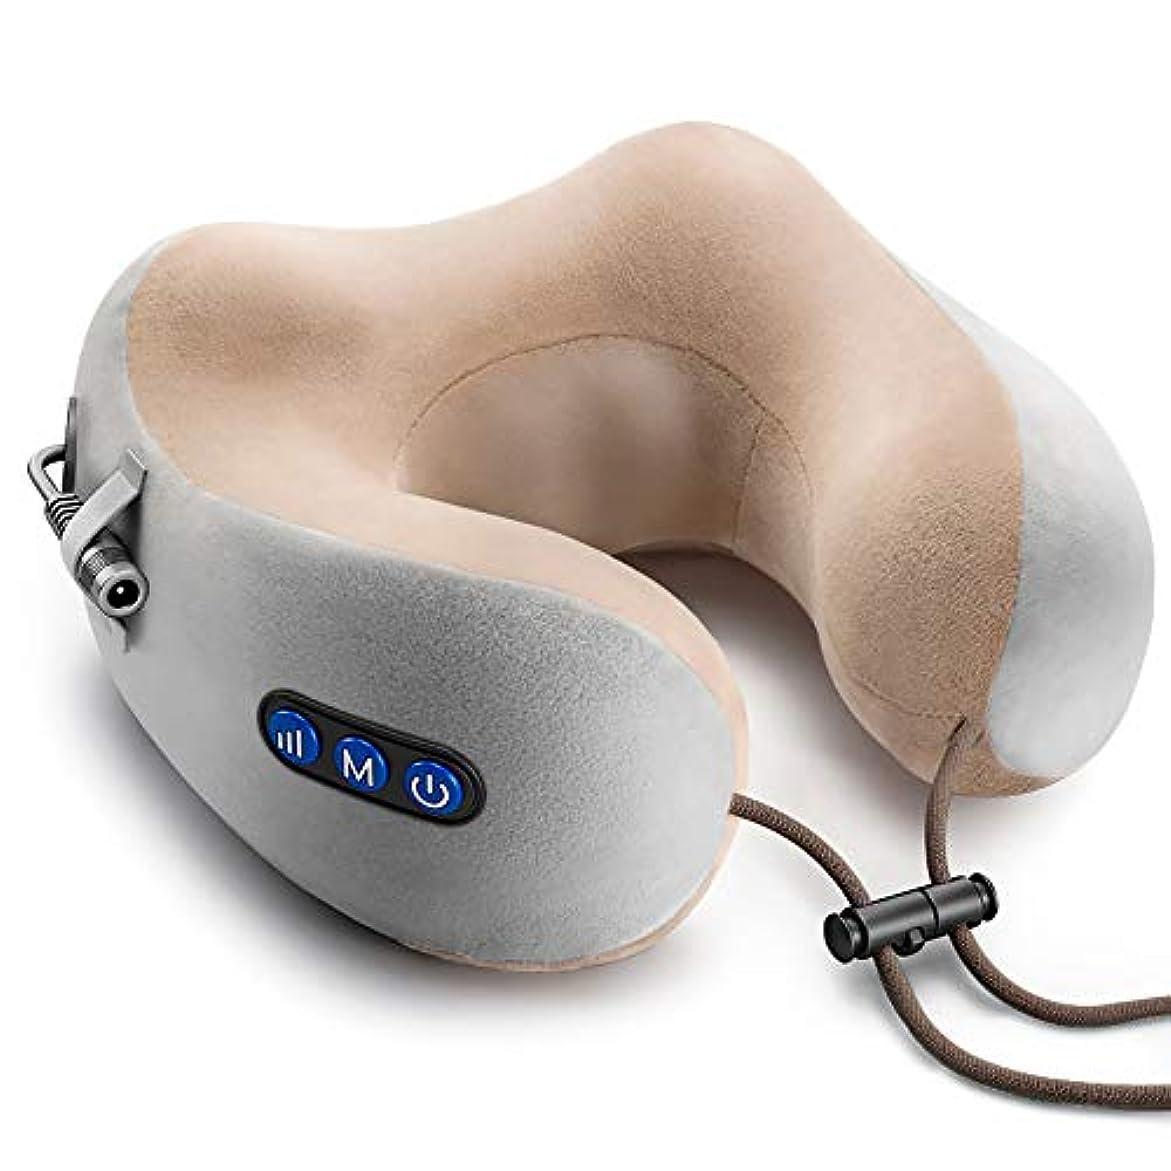 パニック鎖バックグラウンド首マッサージャー ネックマッサージャー U型 USB充電式 3モード 低反発ネックマッサージピロー 自動オフ機能 肩こり ストレス解消 多機能 人間工学 日本語取扱説明書付 プレゼント